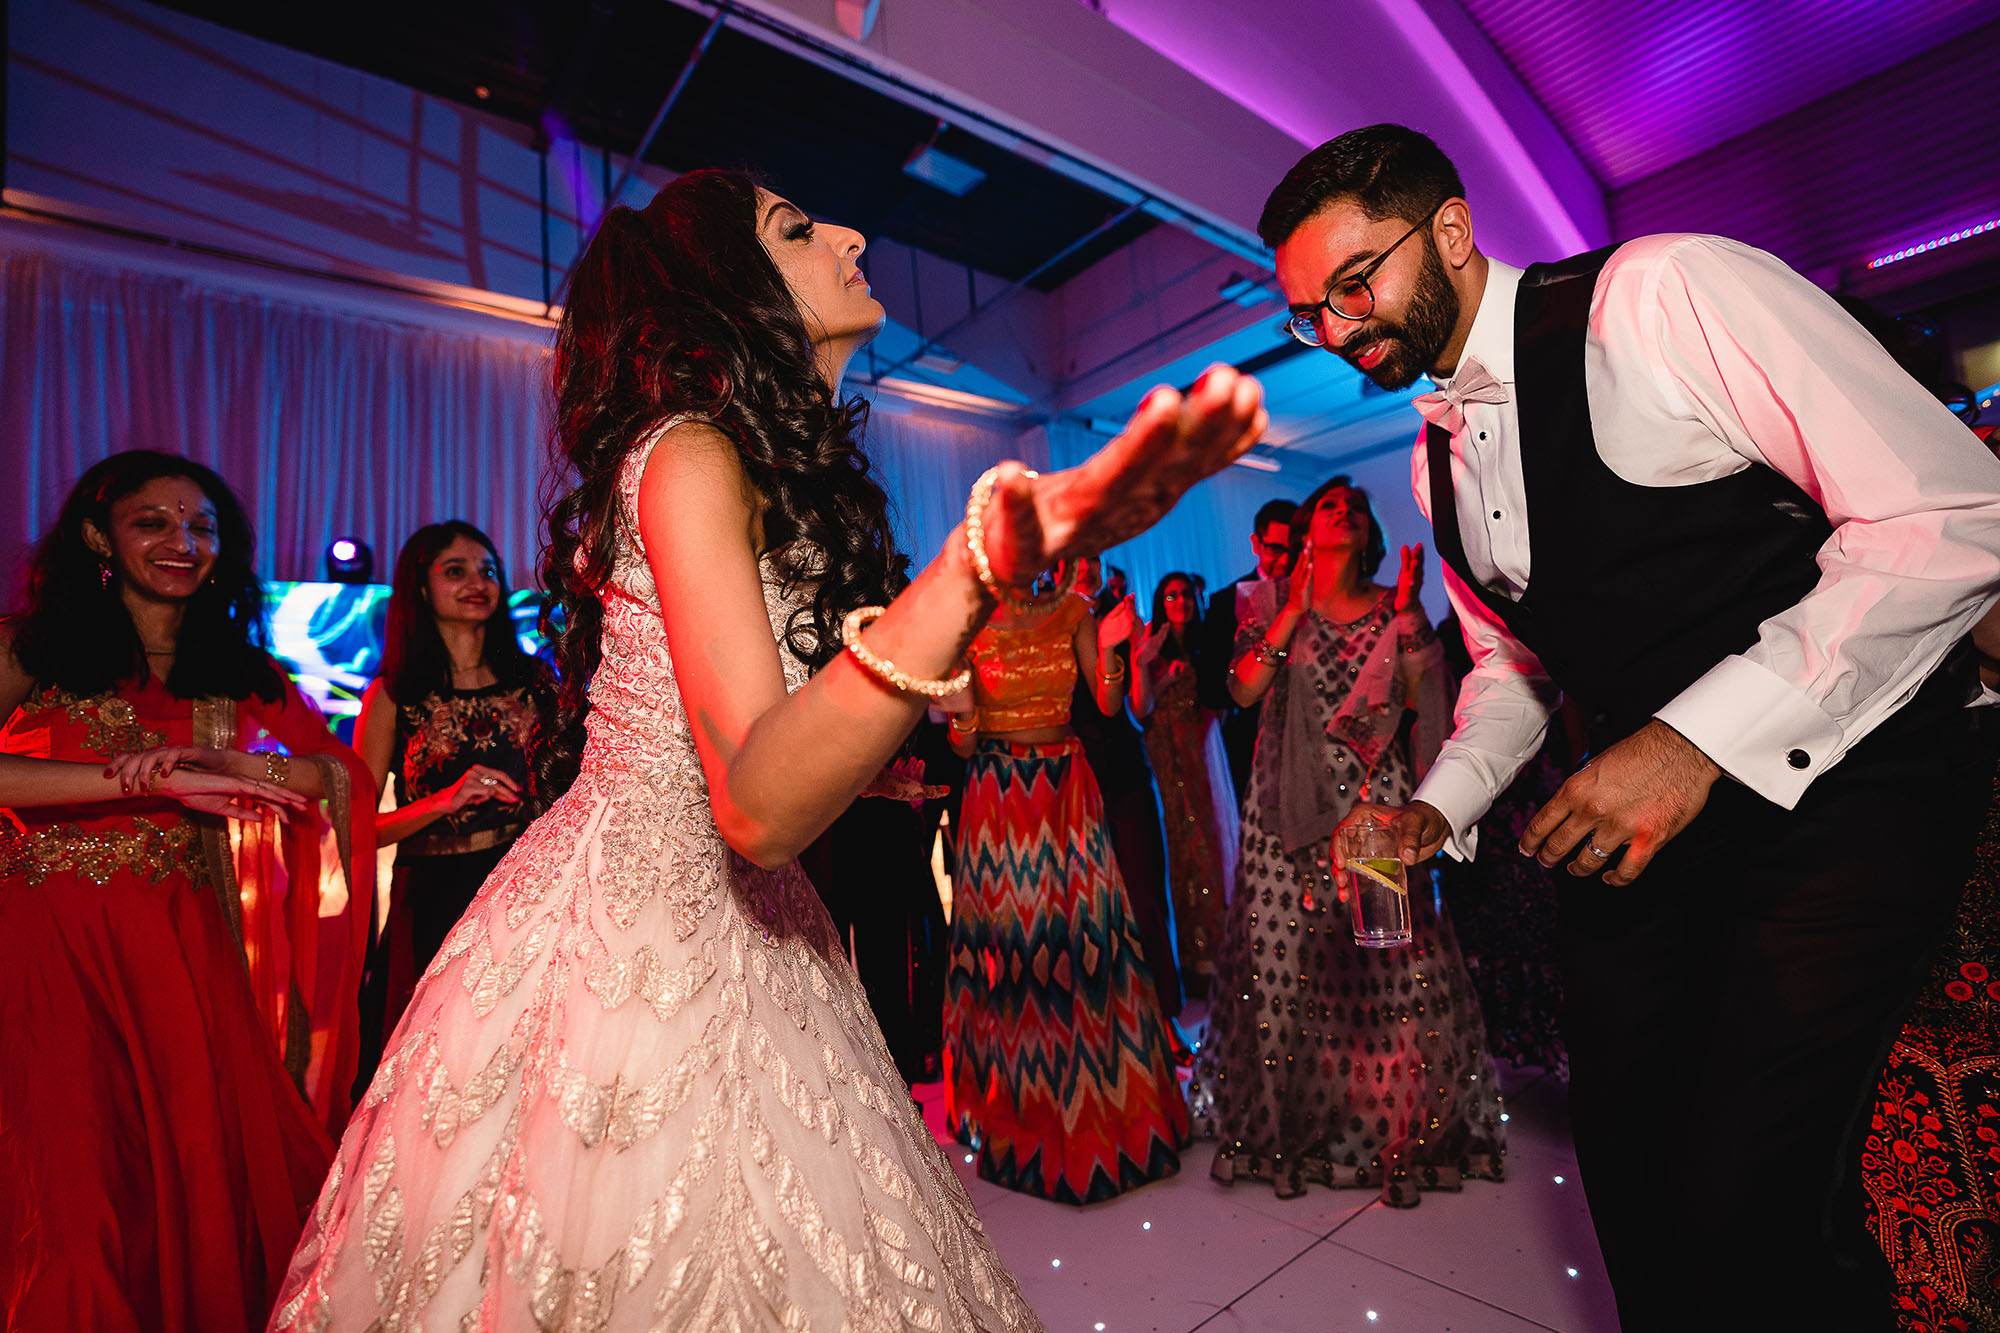 bride and groom dancing on dancefloor